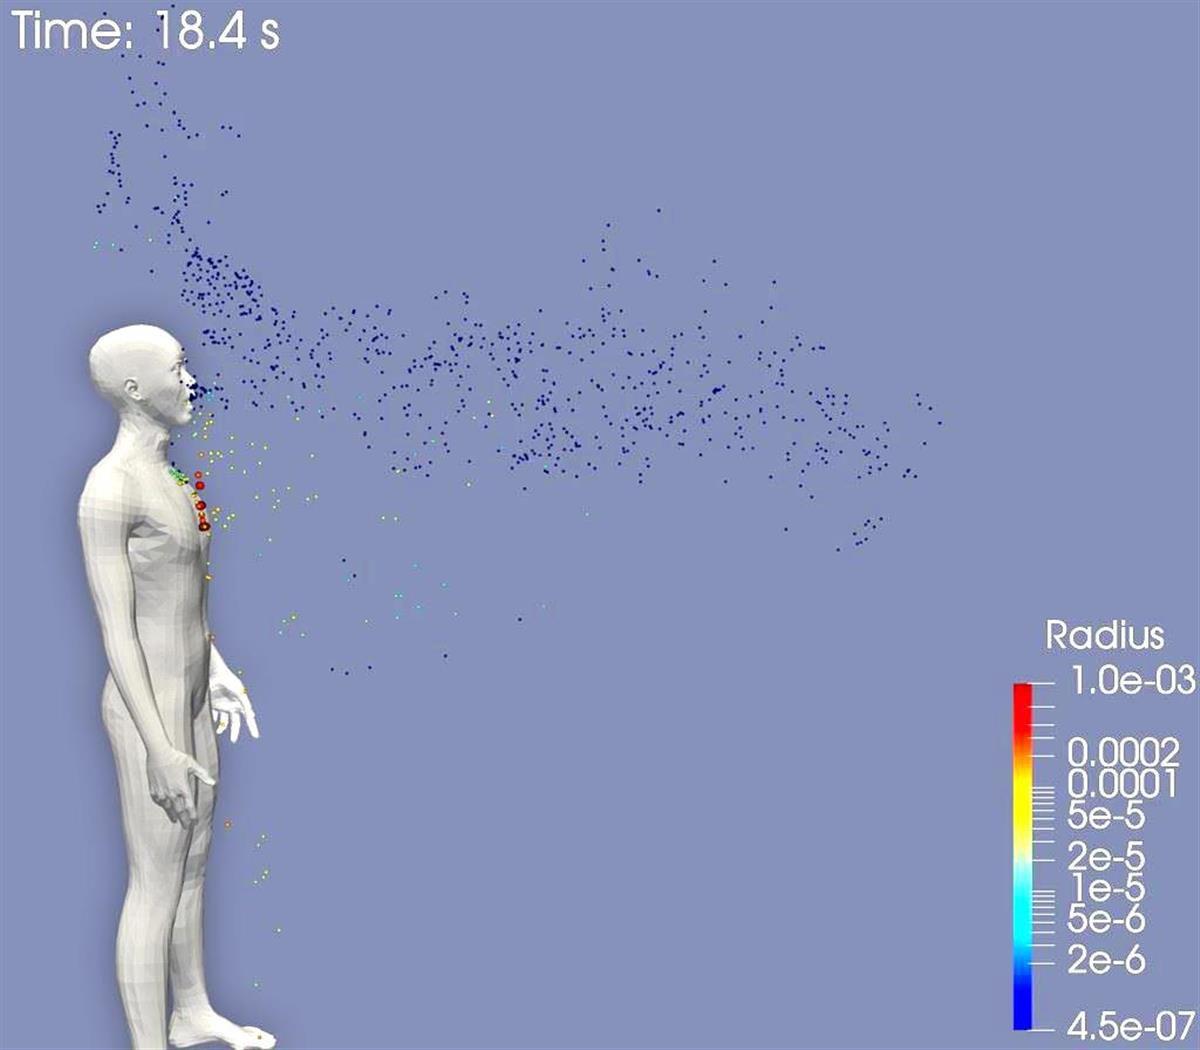 会話をしているときの飛沫のシミュレーション(理化学研究所、豊橋技術科学大、神戸大提供)